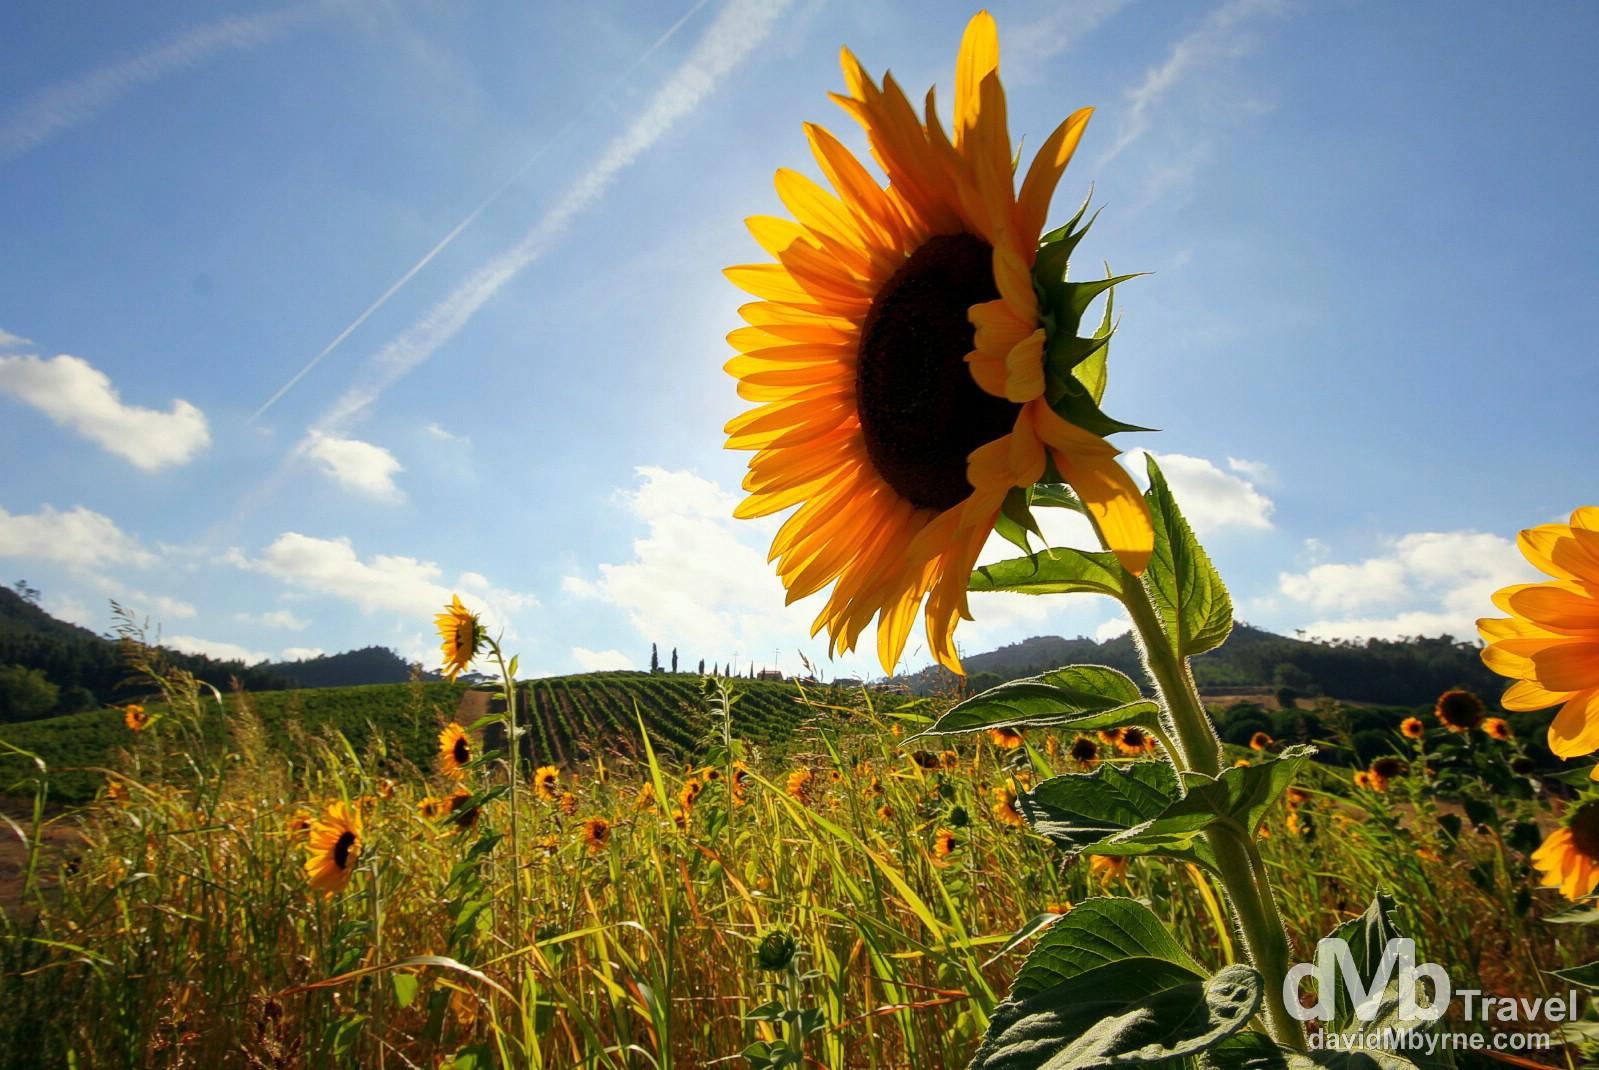 Gradil, Mafra, Portugal || Sunflowers at Sunset